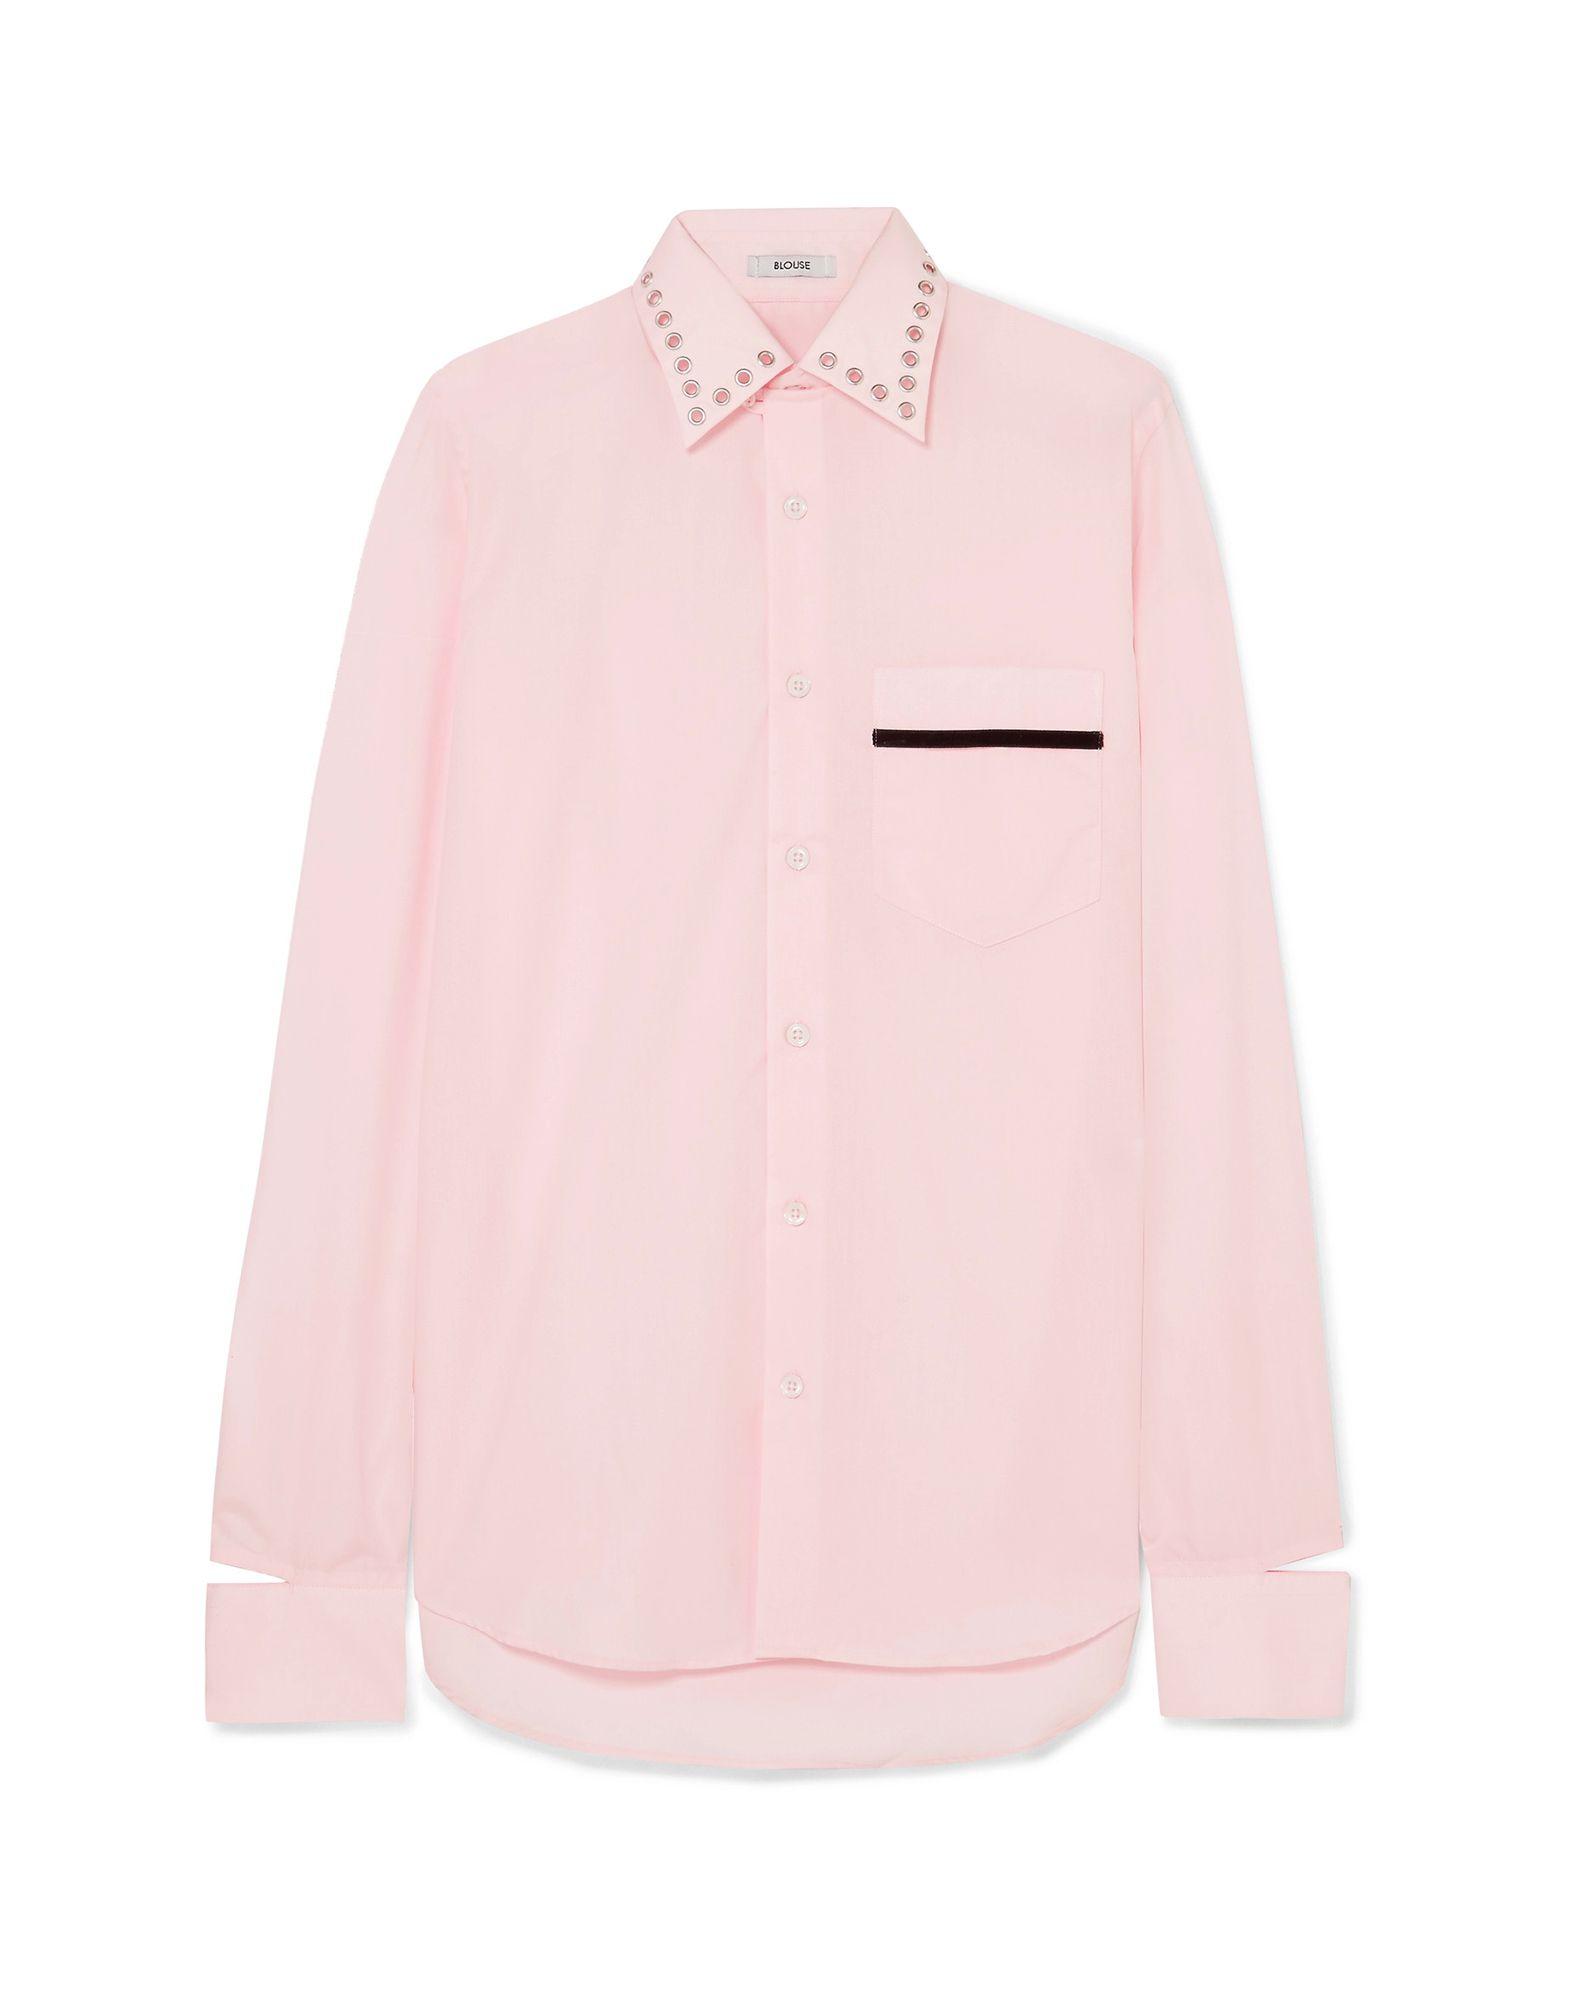 BLOUSE Pубашка blouse 1204843 41